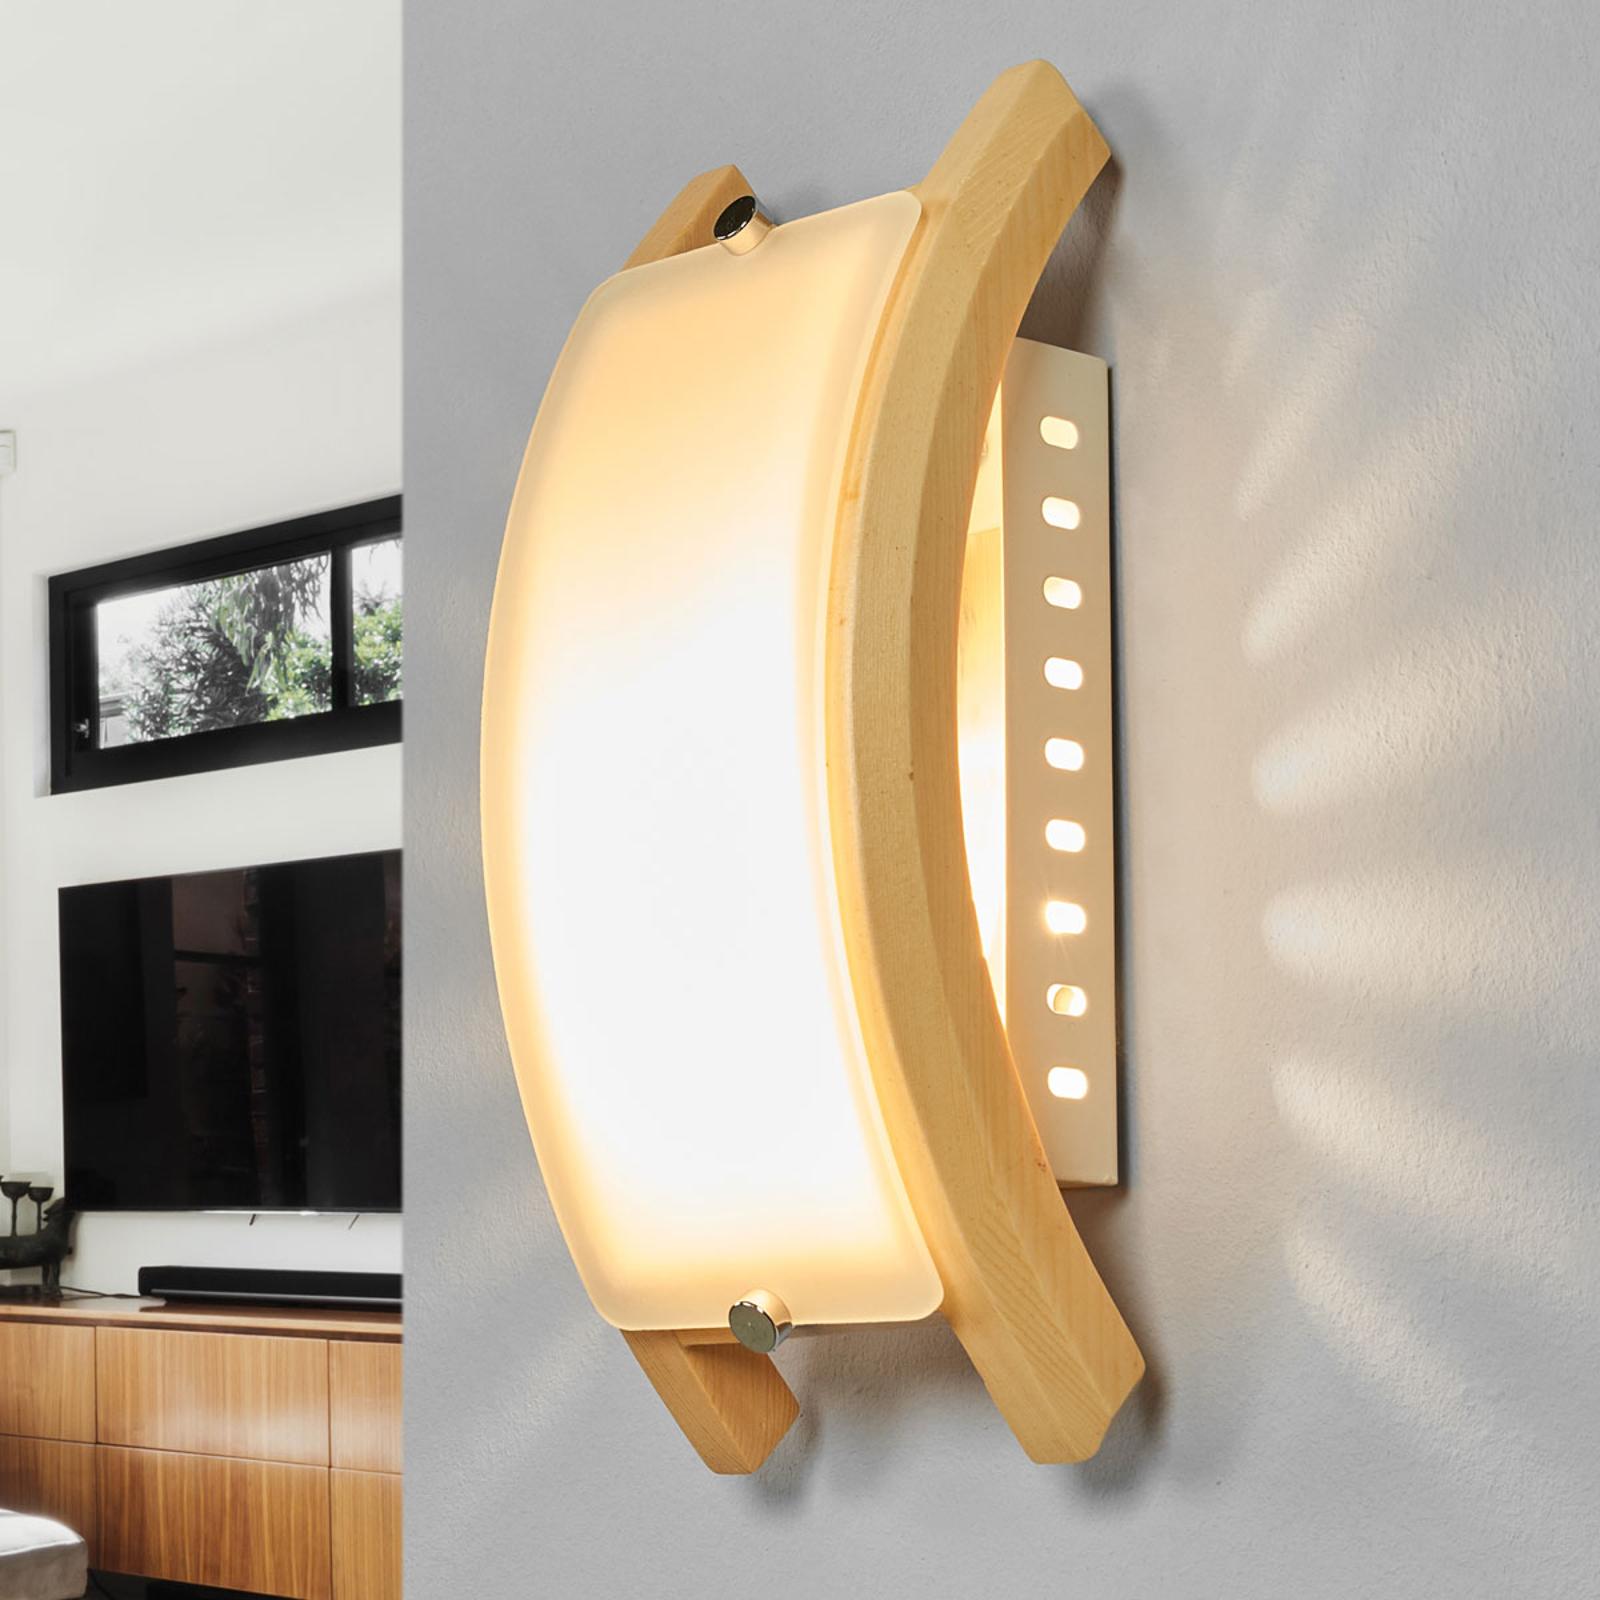 Nástěnné svítidlo ADMIRAL, E14 dřevo světlé